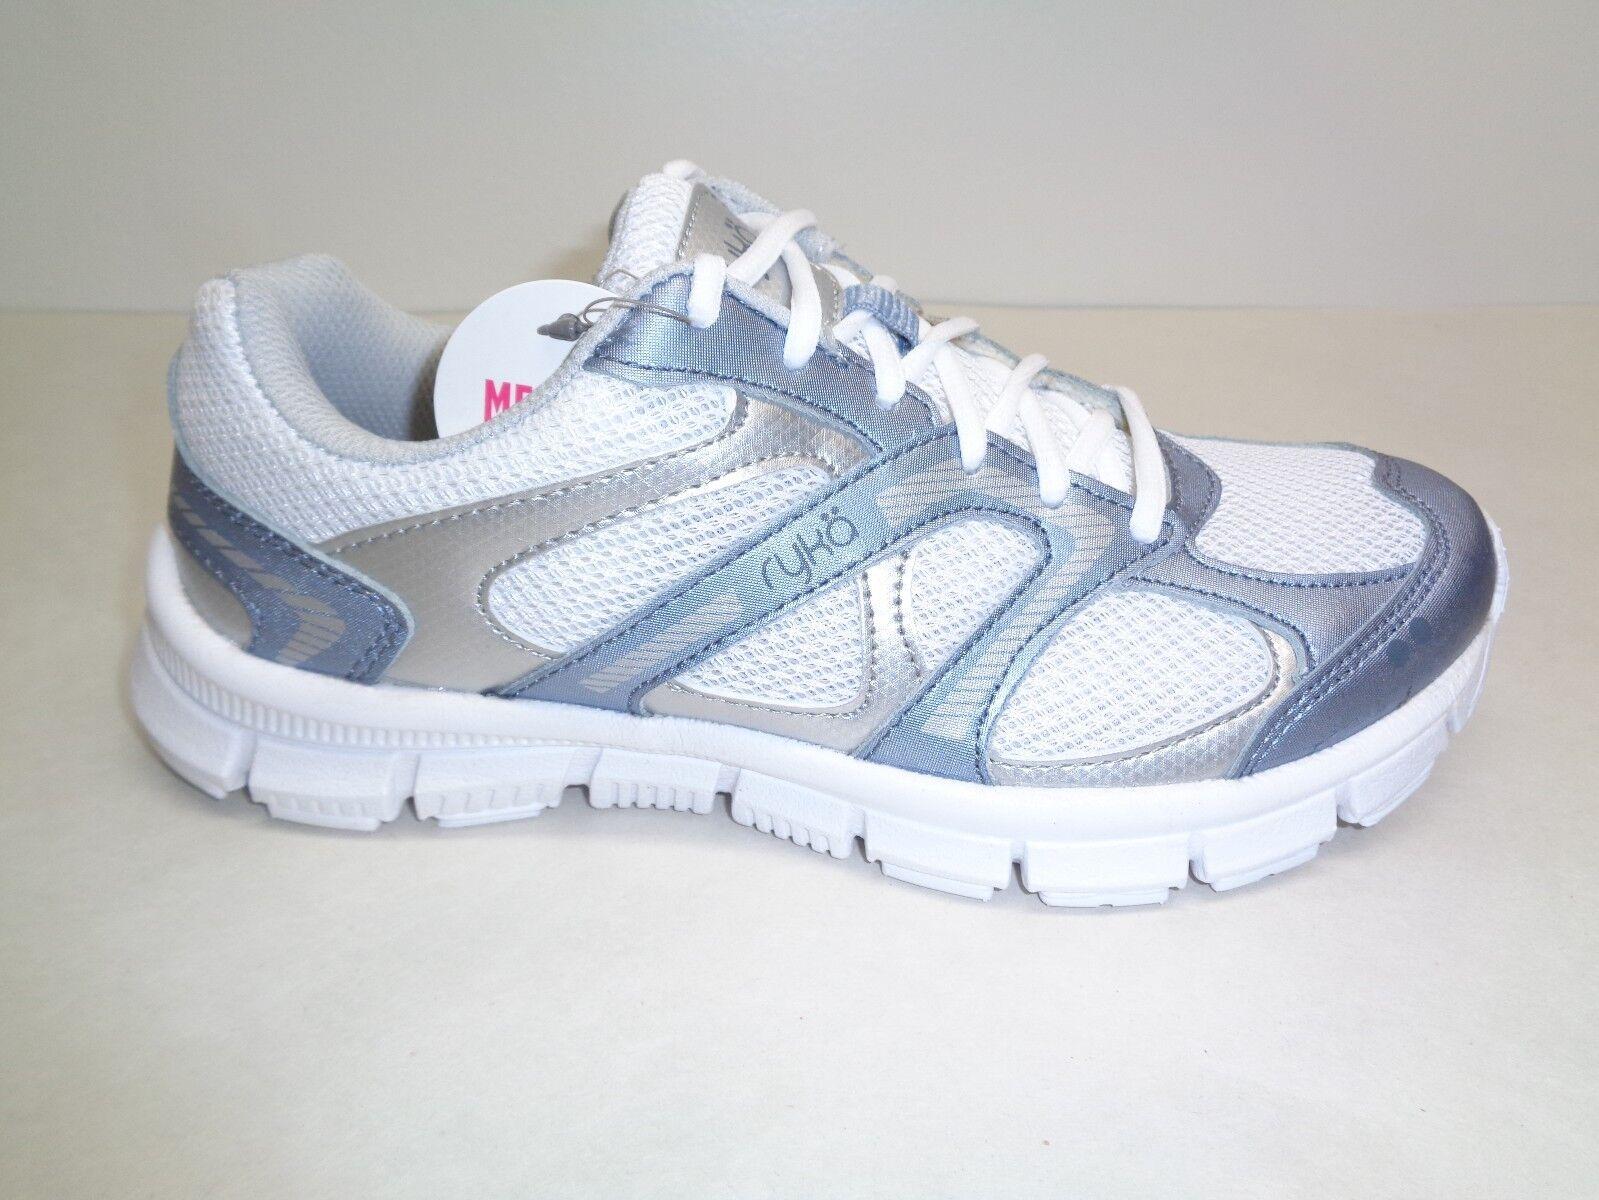 Ryka Größe 9 W WIDE HARMONY SMT Memory Foam WEISS Blau Sneakers NEU Damenschuhe Schuhes